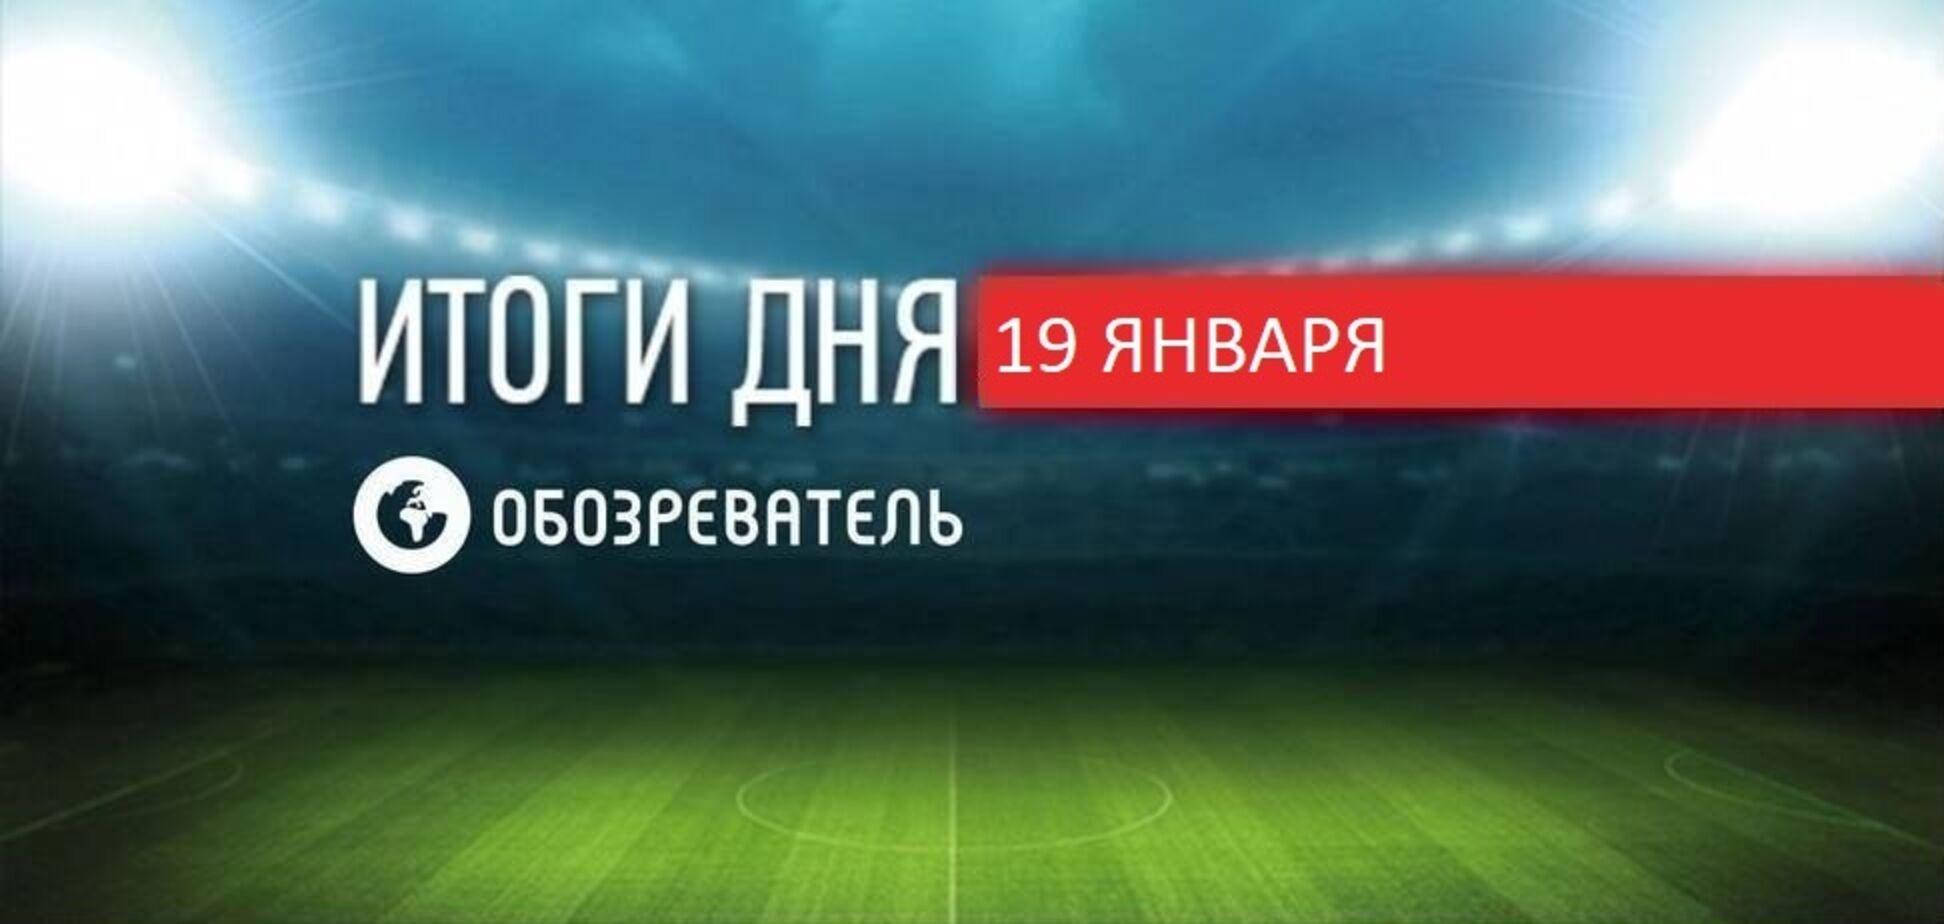 Ломаченко показал 'имитацию превосходства' Лопеса: спортивные итоги 19 января